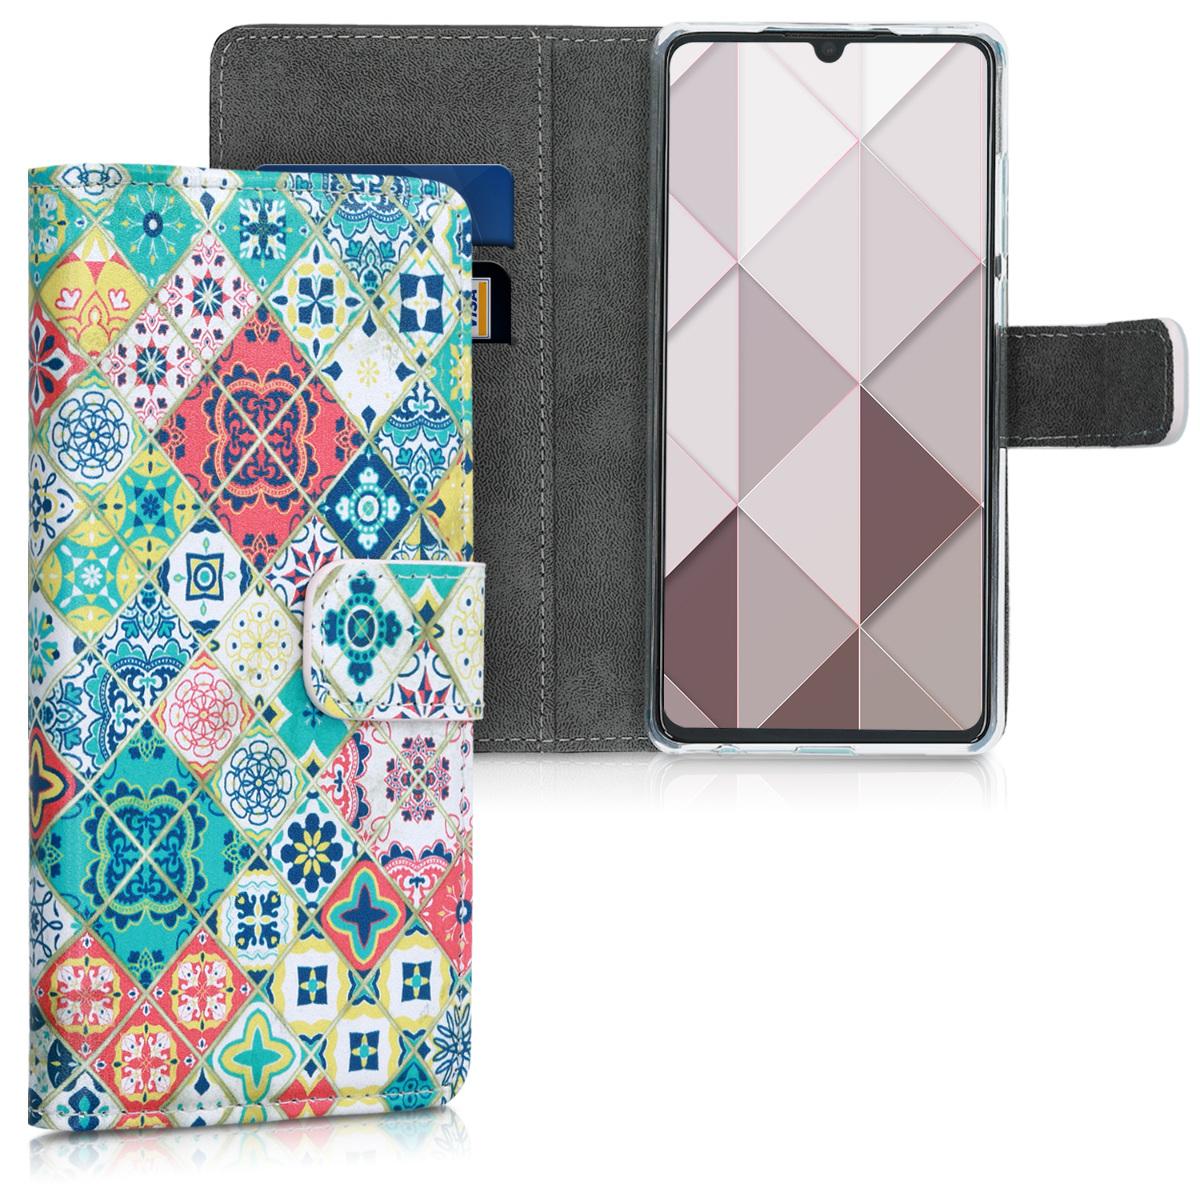 Kvalitní pouzdro peněženka pro Huawei P30